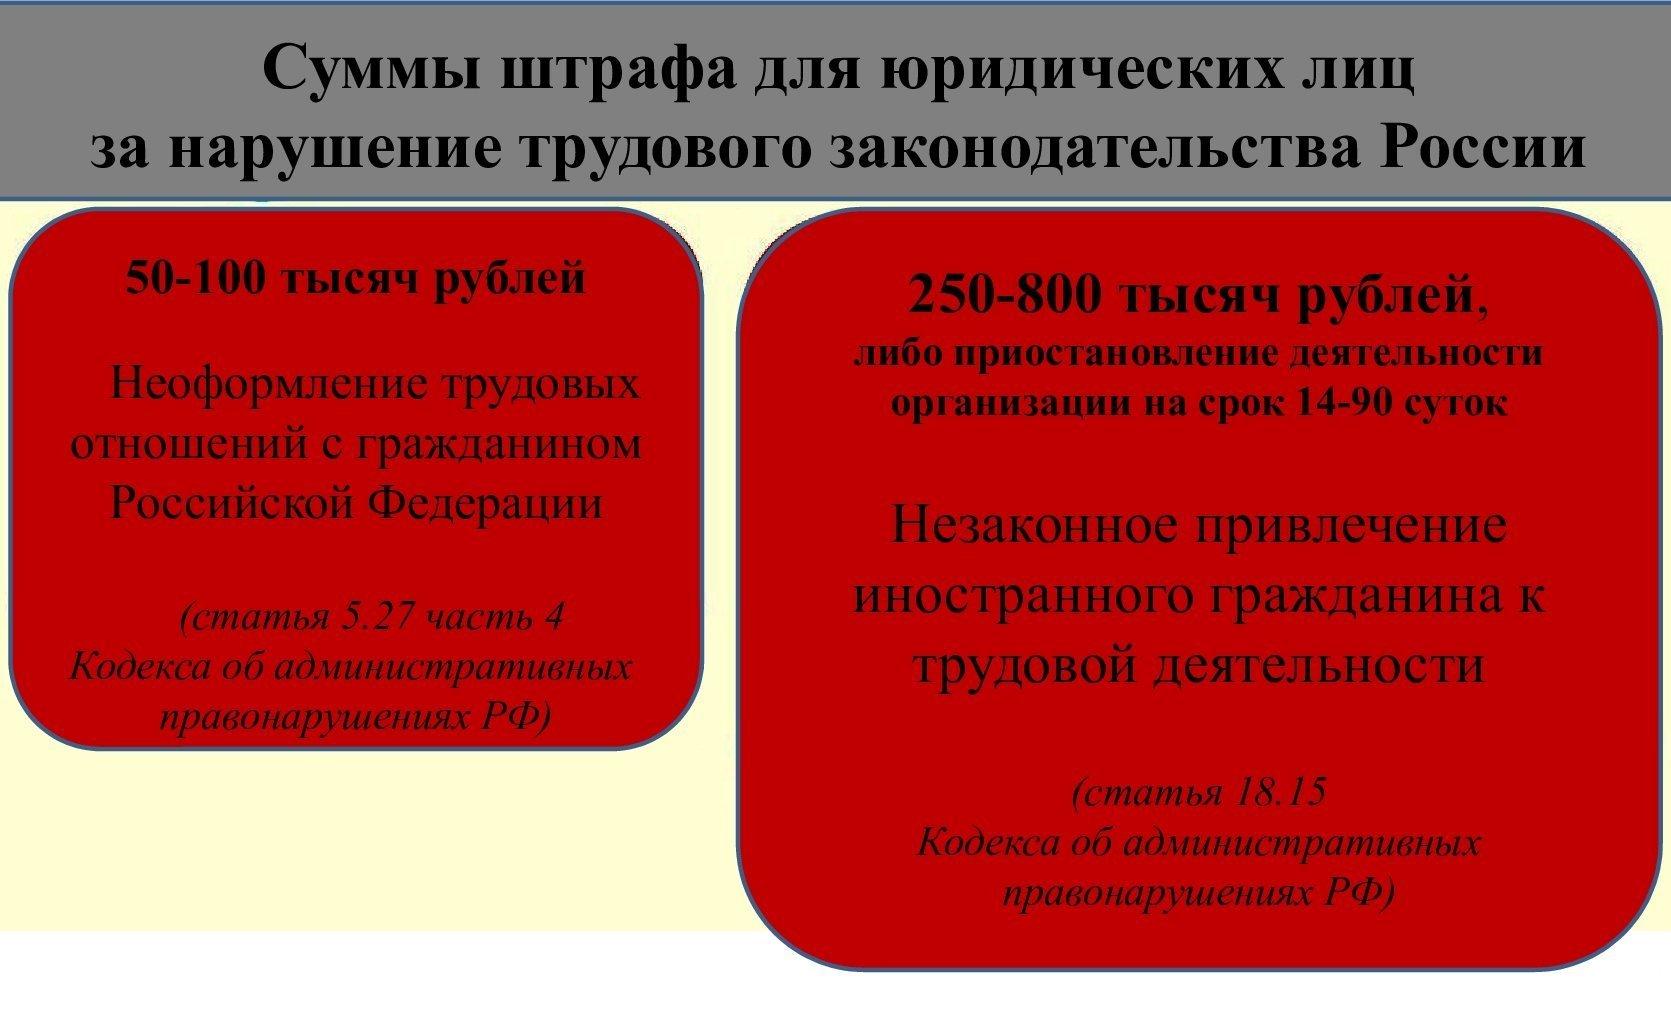 Кому выгодно убрать водителей-мигрантов из общественного транспорта РФ